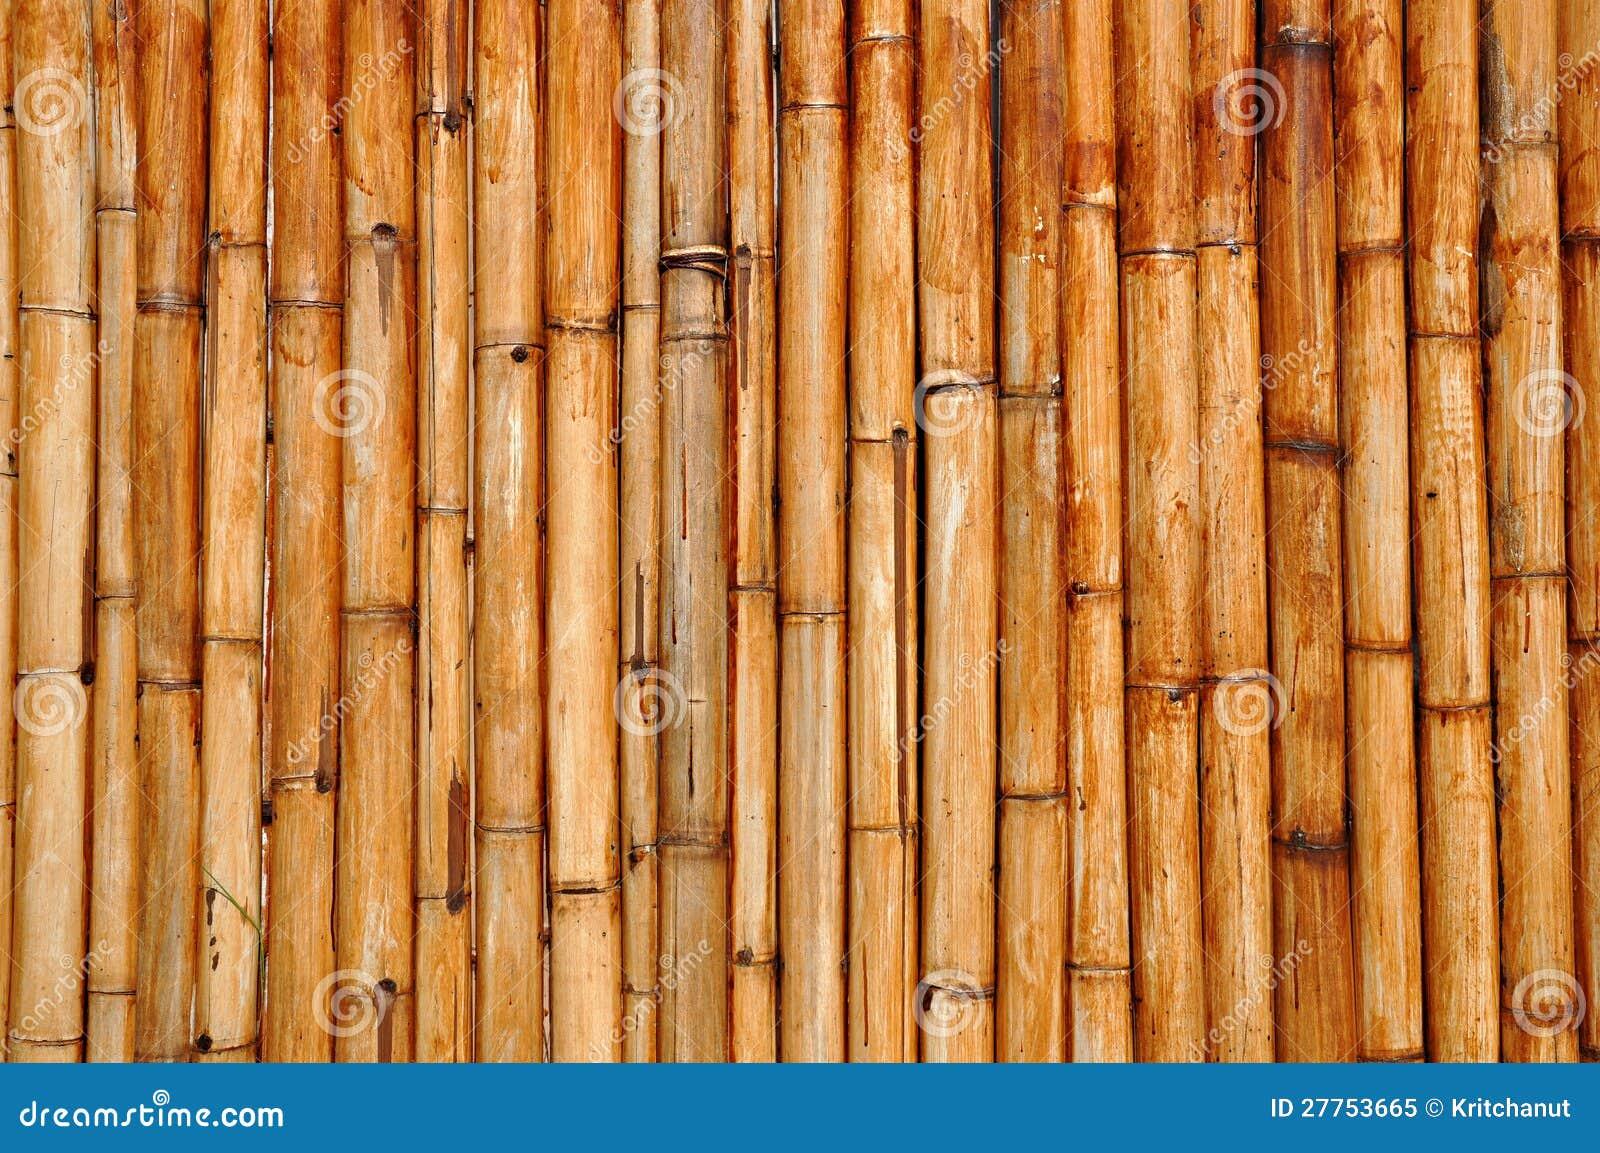 Cartoon Bamboo Stick ~ Dry bamboo stalk wall royalty free stock photo